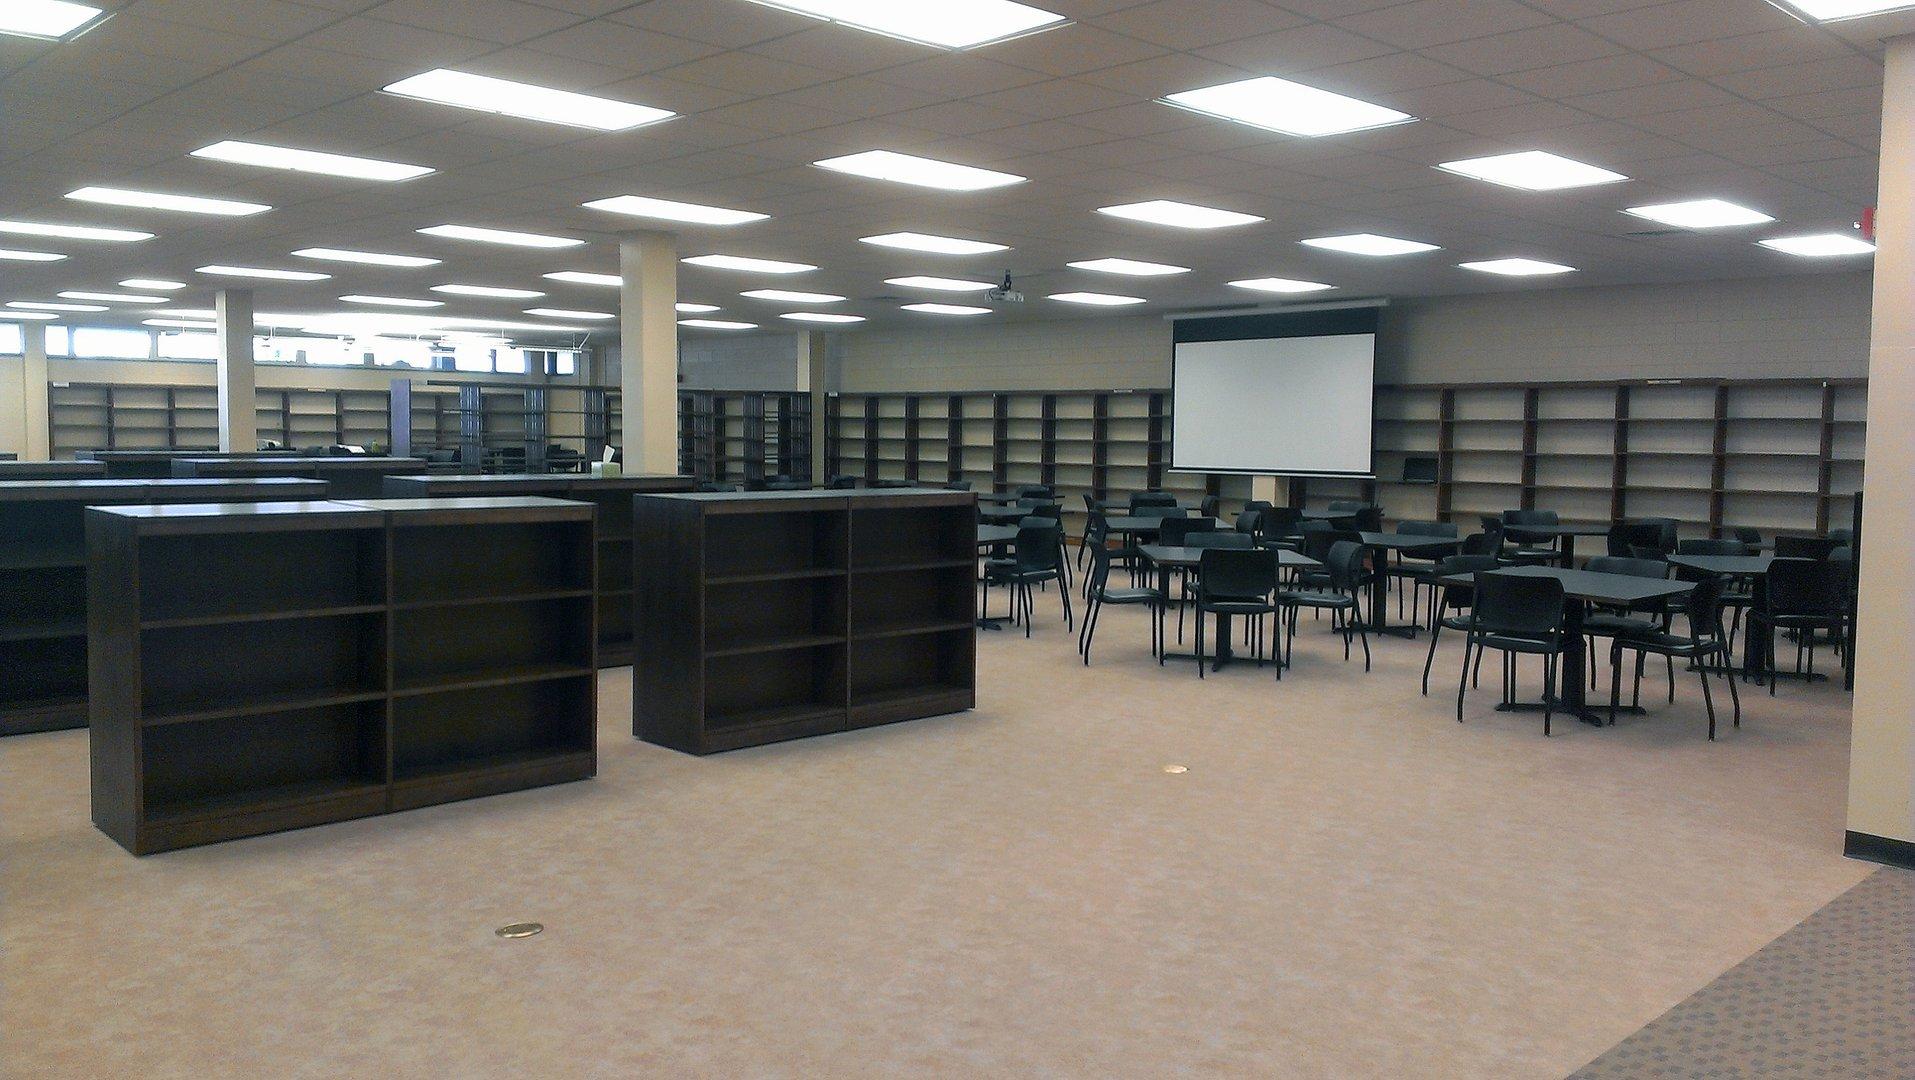 Hickory High Media Center